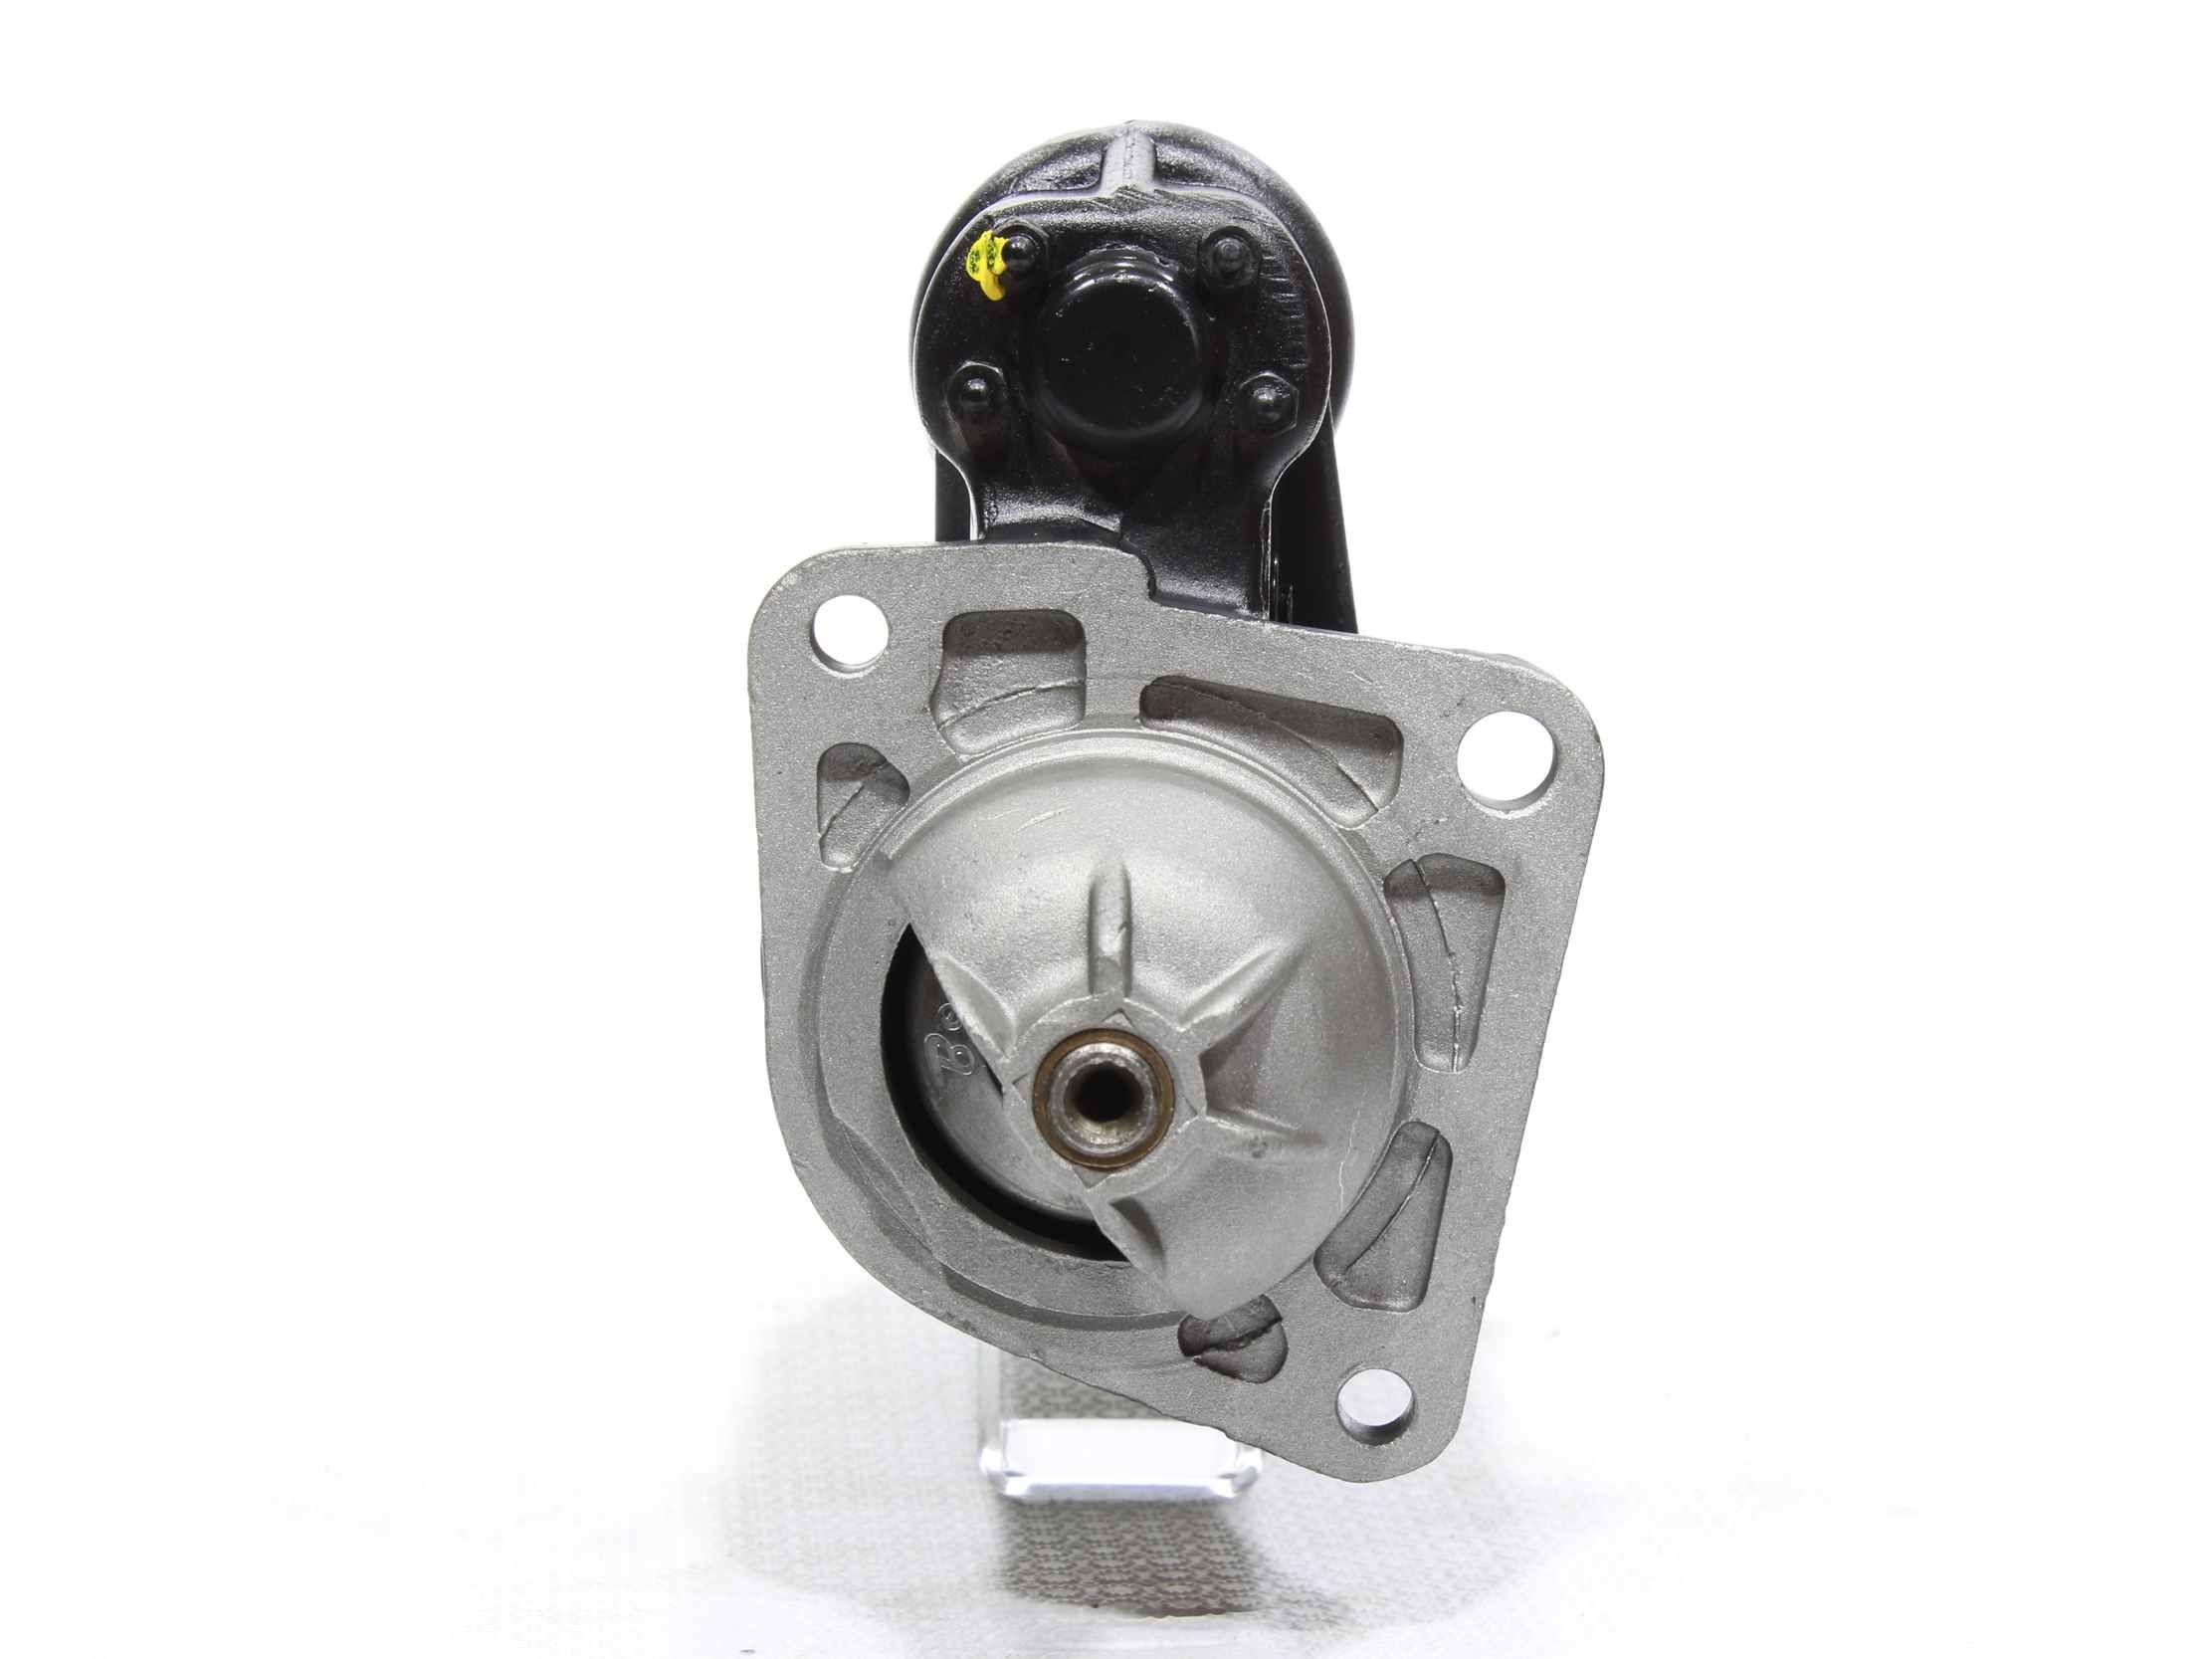 Achetez Électricité auto ALANKO 10440102 () à un rapport qualité-prix exceptionnel